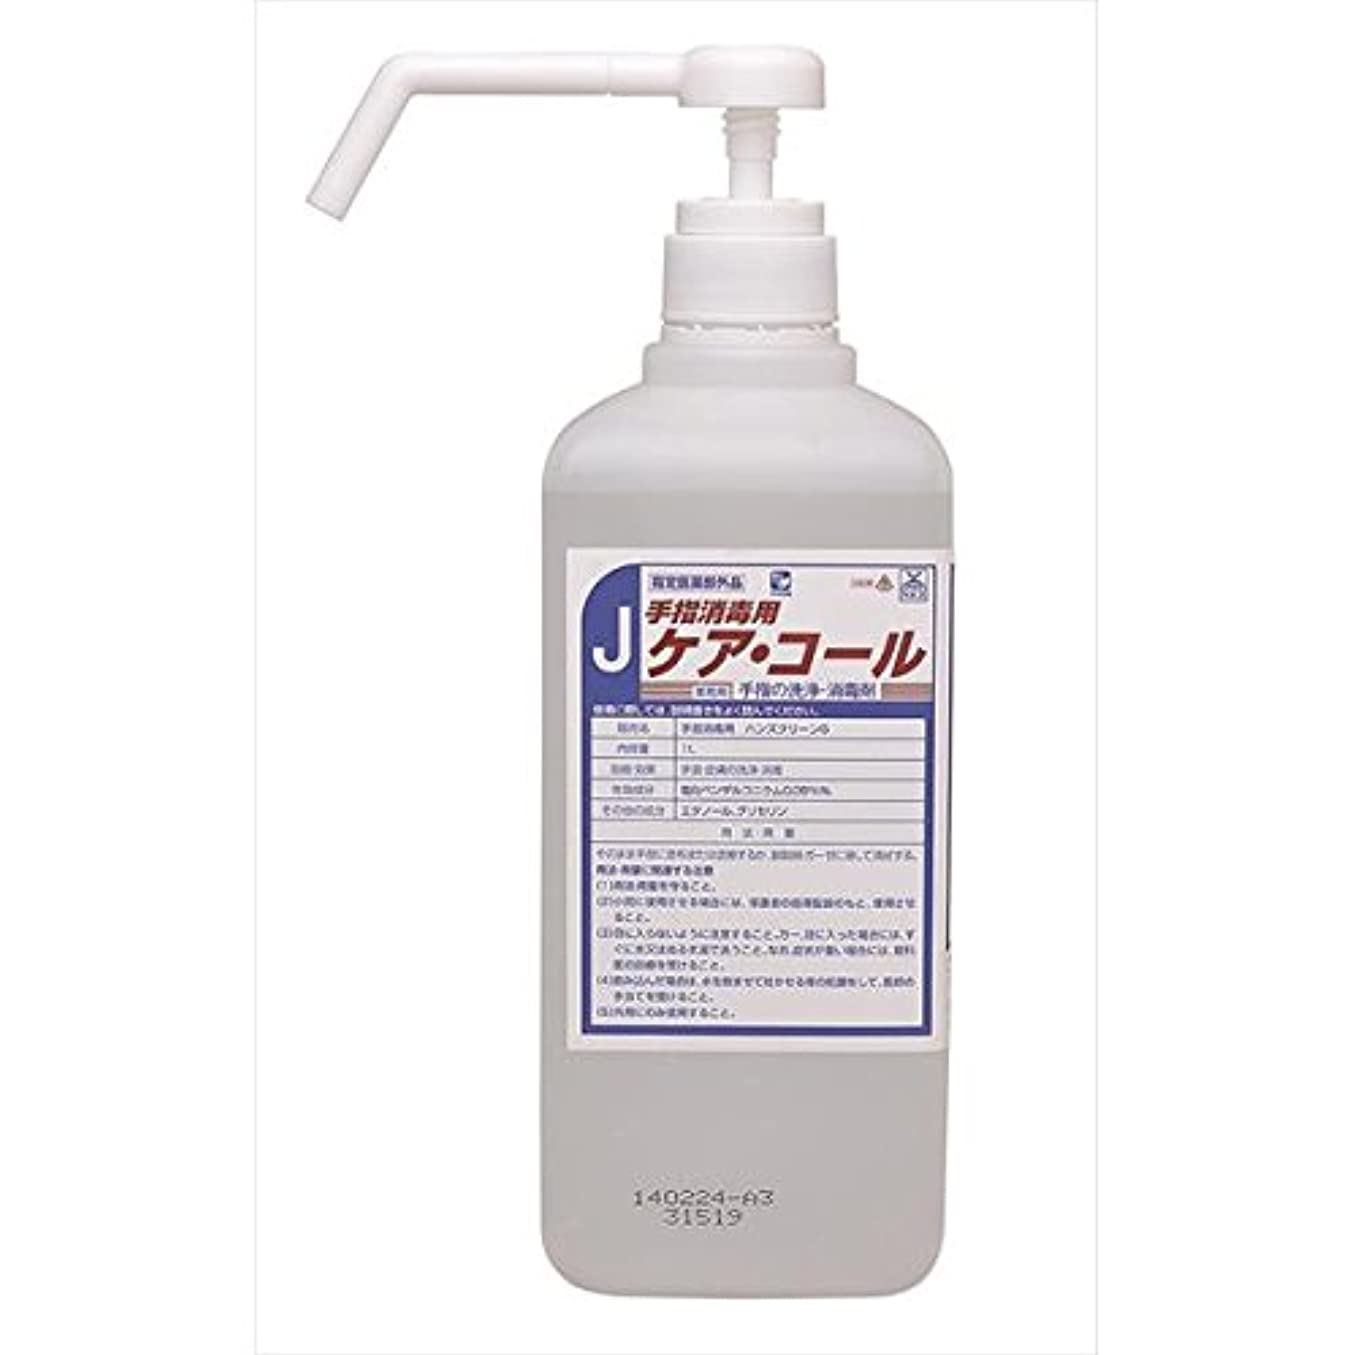 毛皮カプラー本能ニイタカ:手指消毒用ケア?コール(J) 1L×12 270960